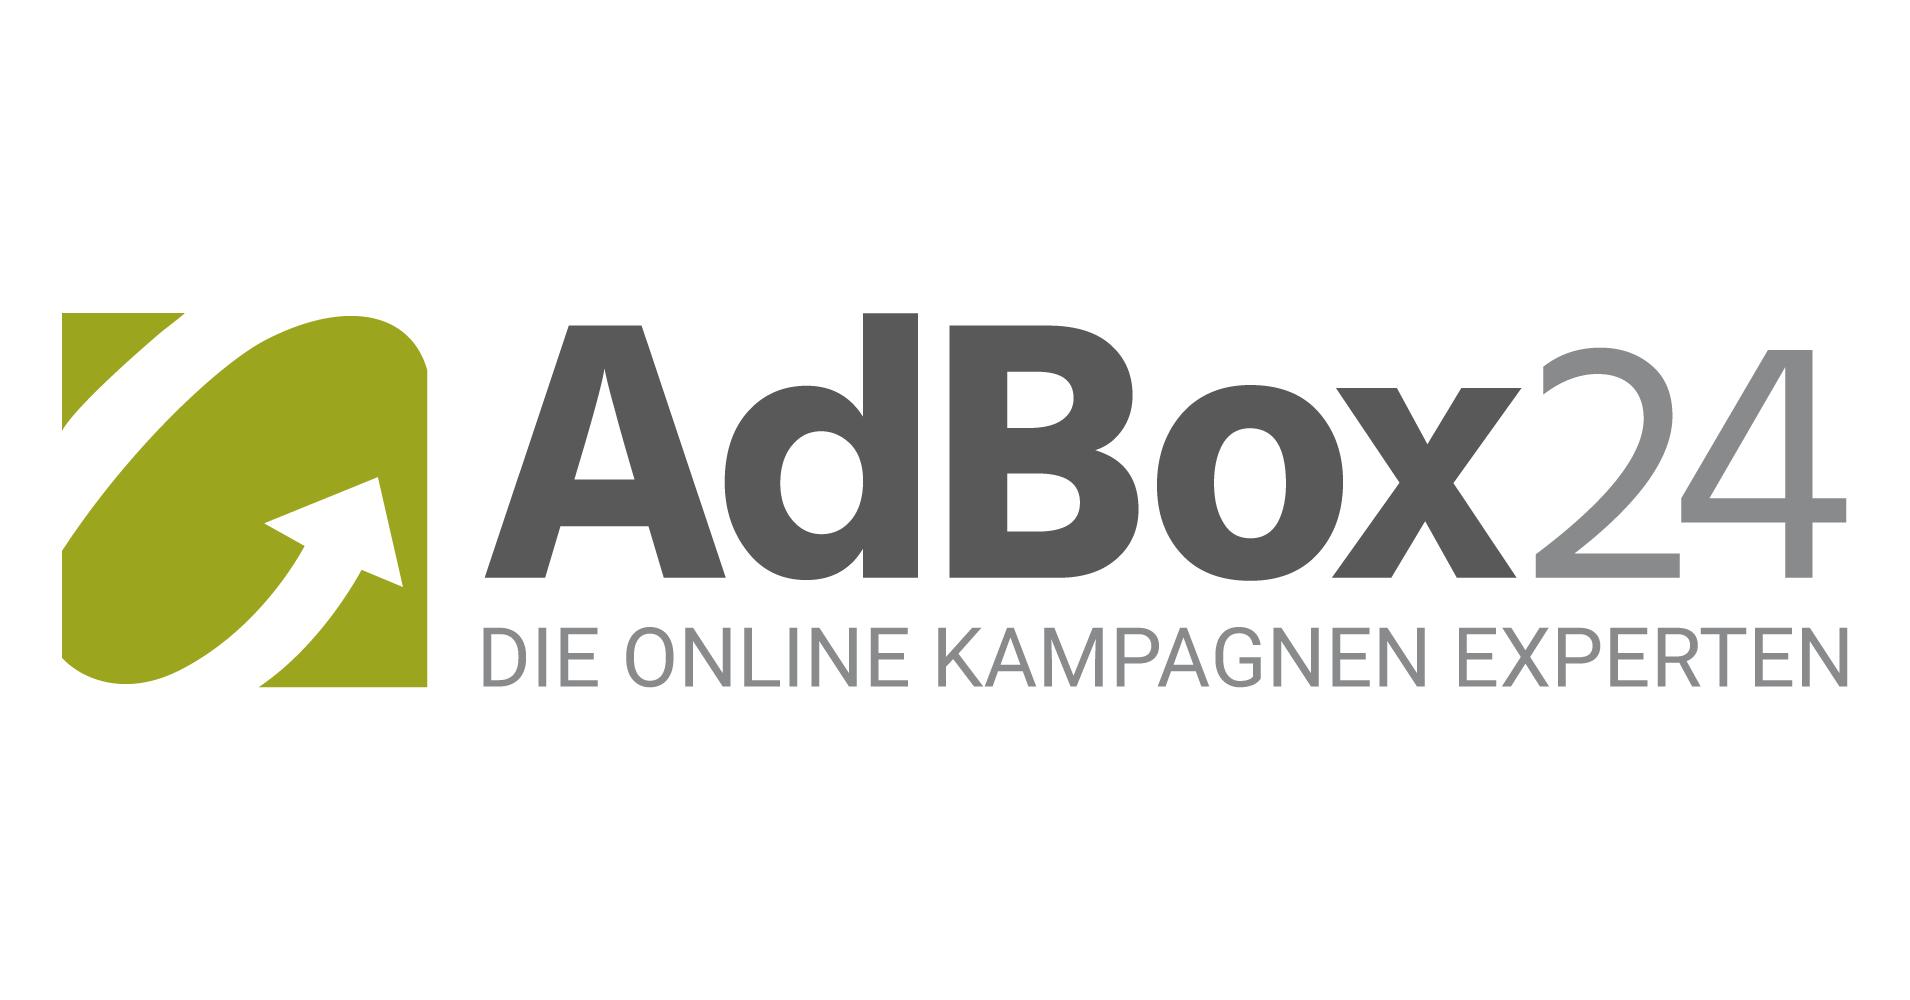 1910x100_adbox_logo_mit_claim-2